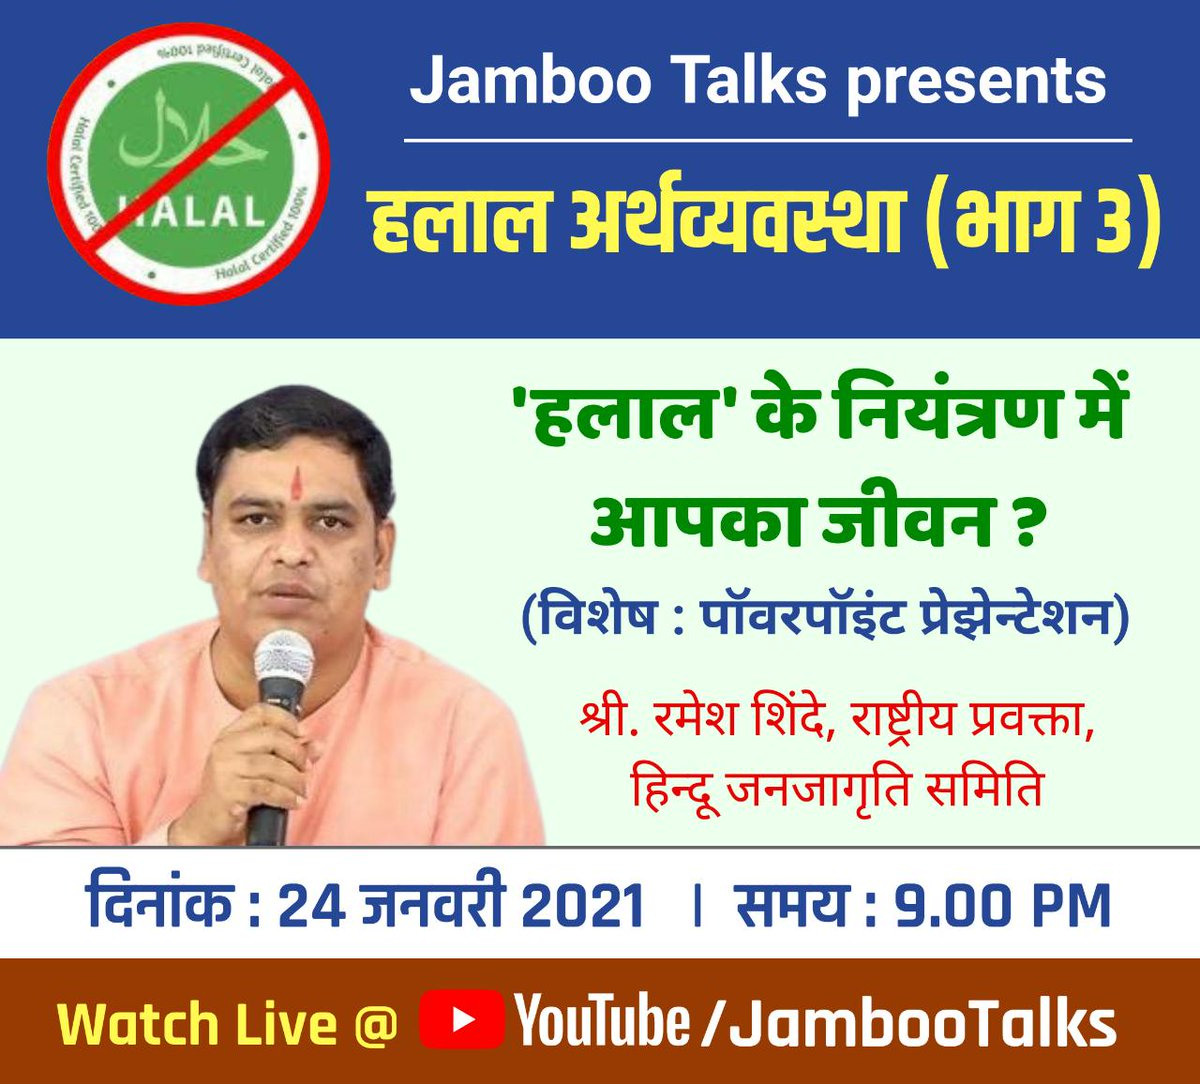 🔸 Jamboo Talks presents  🟢 हलाल अर्थव्यवस्था (भाग 3) 'हलाल' के नियंत्रण में आपका जीवन ? (विशेष : पाॅवरपाॅइंट प्रेझेन्टेशन)  🎤 वक्ता : श्री. @Ramesh_hjs, राष्ट्रीय प्रवक्ता, हिन्दू जनजागृति समिति  🗓️ दिनांक : 24.1.2021  🕘 समय : 9.00 PM  Watch Live @